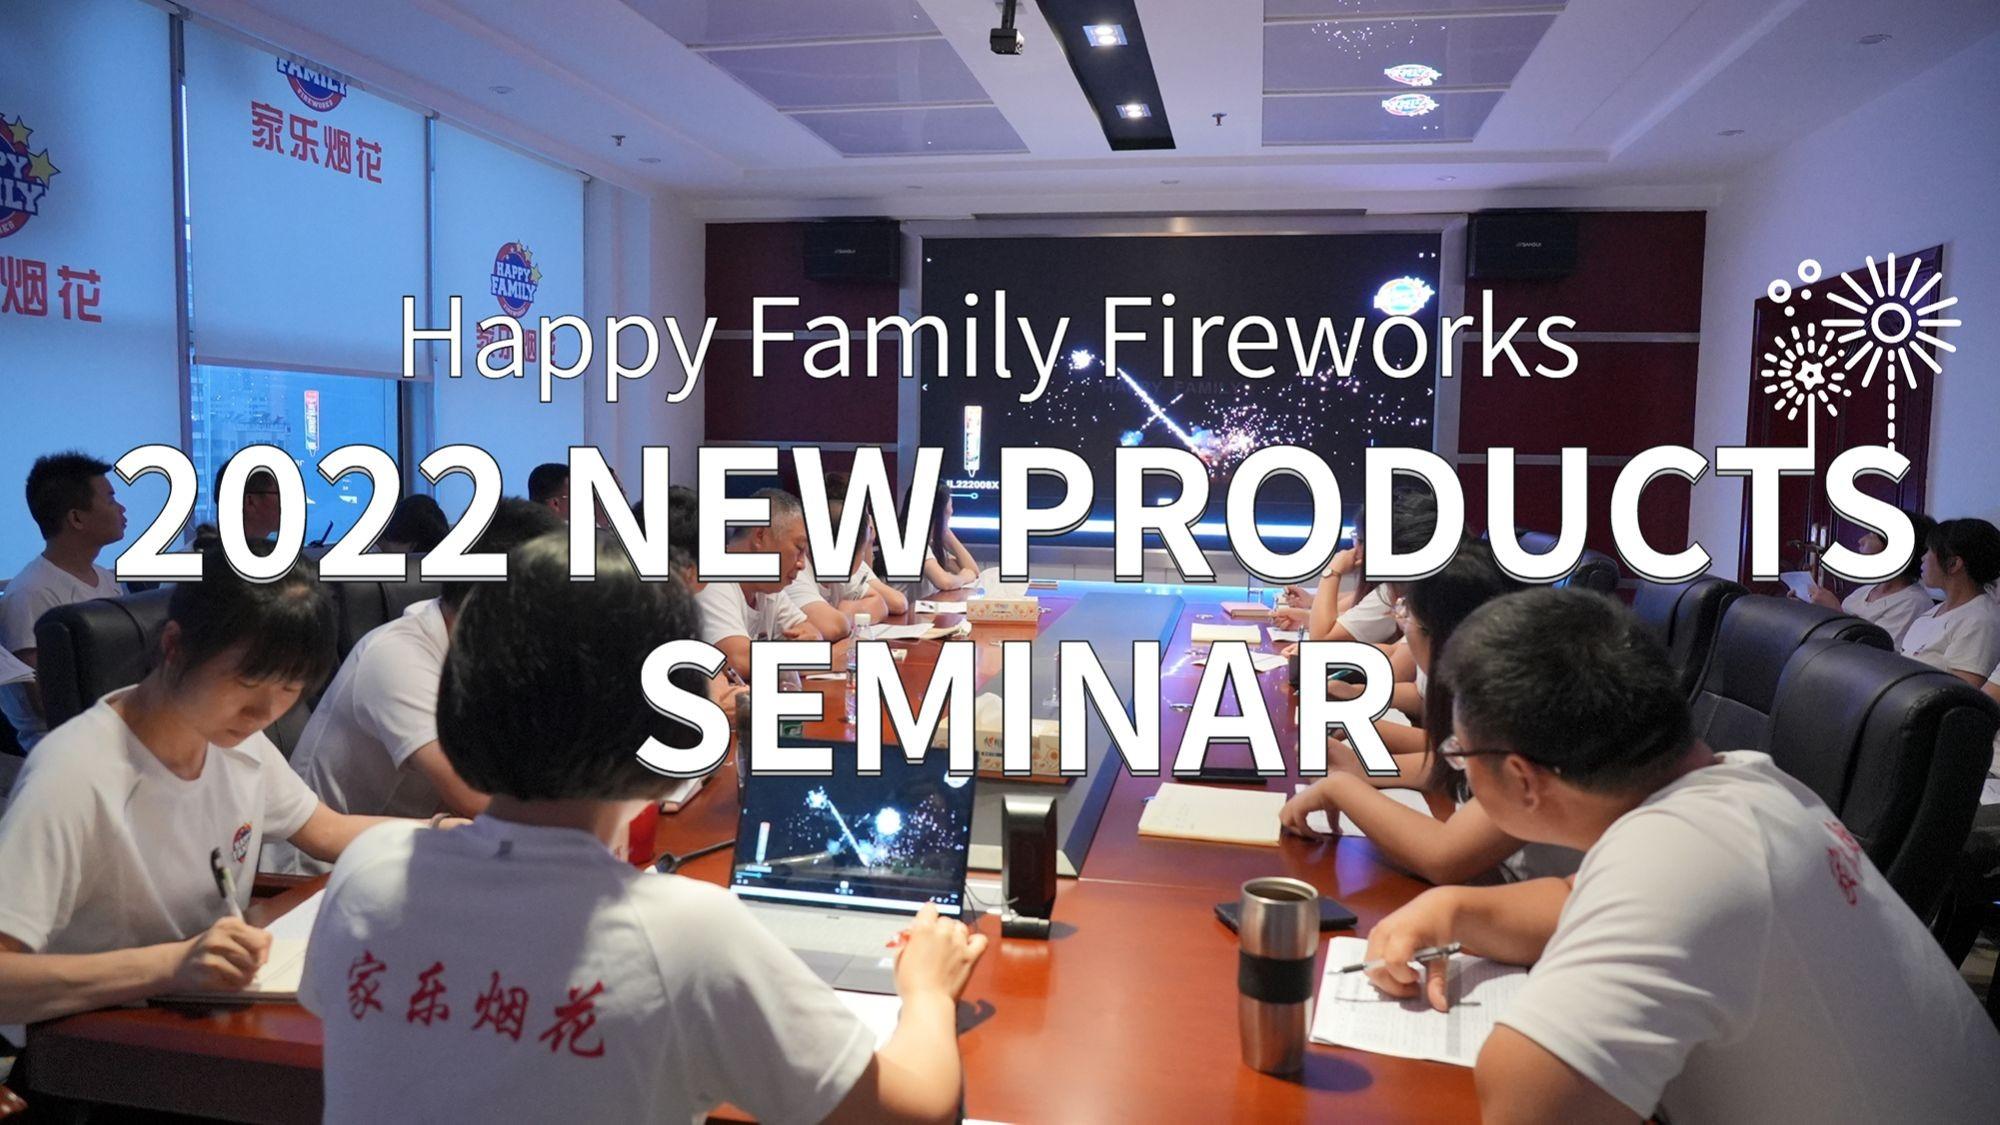 Novos bolos de 200g 500g fogos de artifício para a temporada de 2022 totalizam 132 itens da Happy Family Fireworks